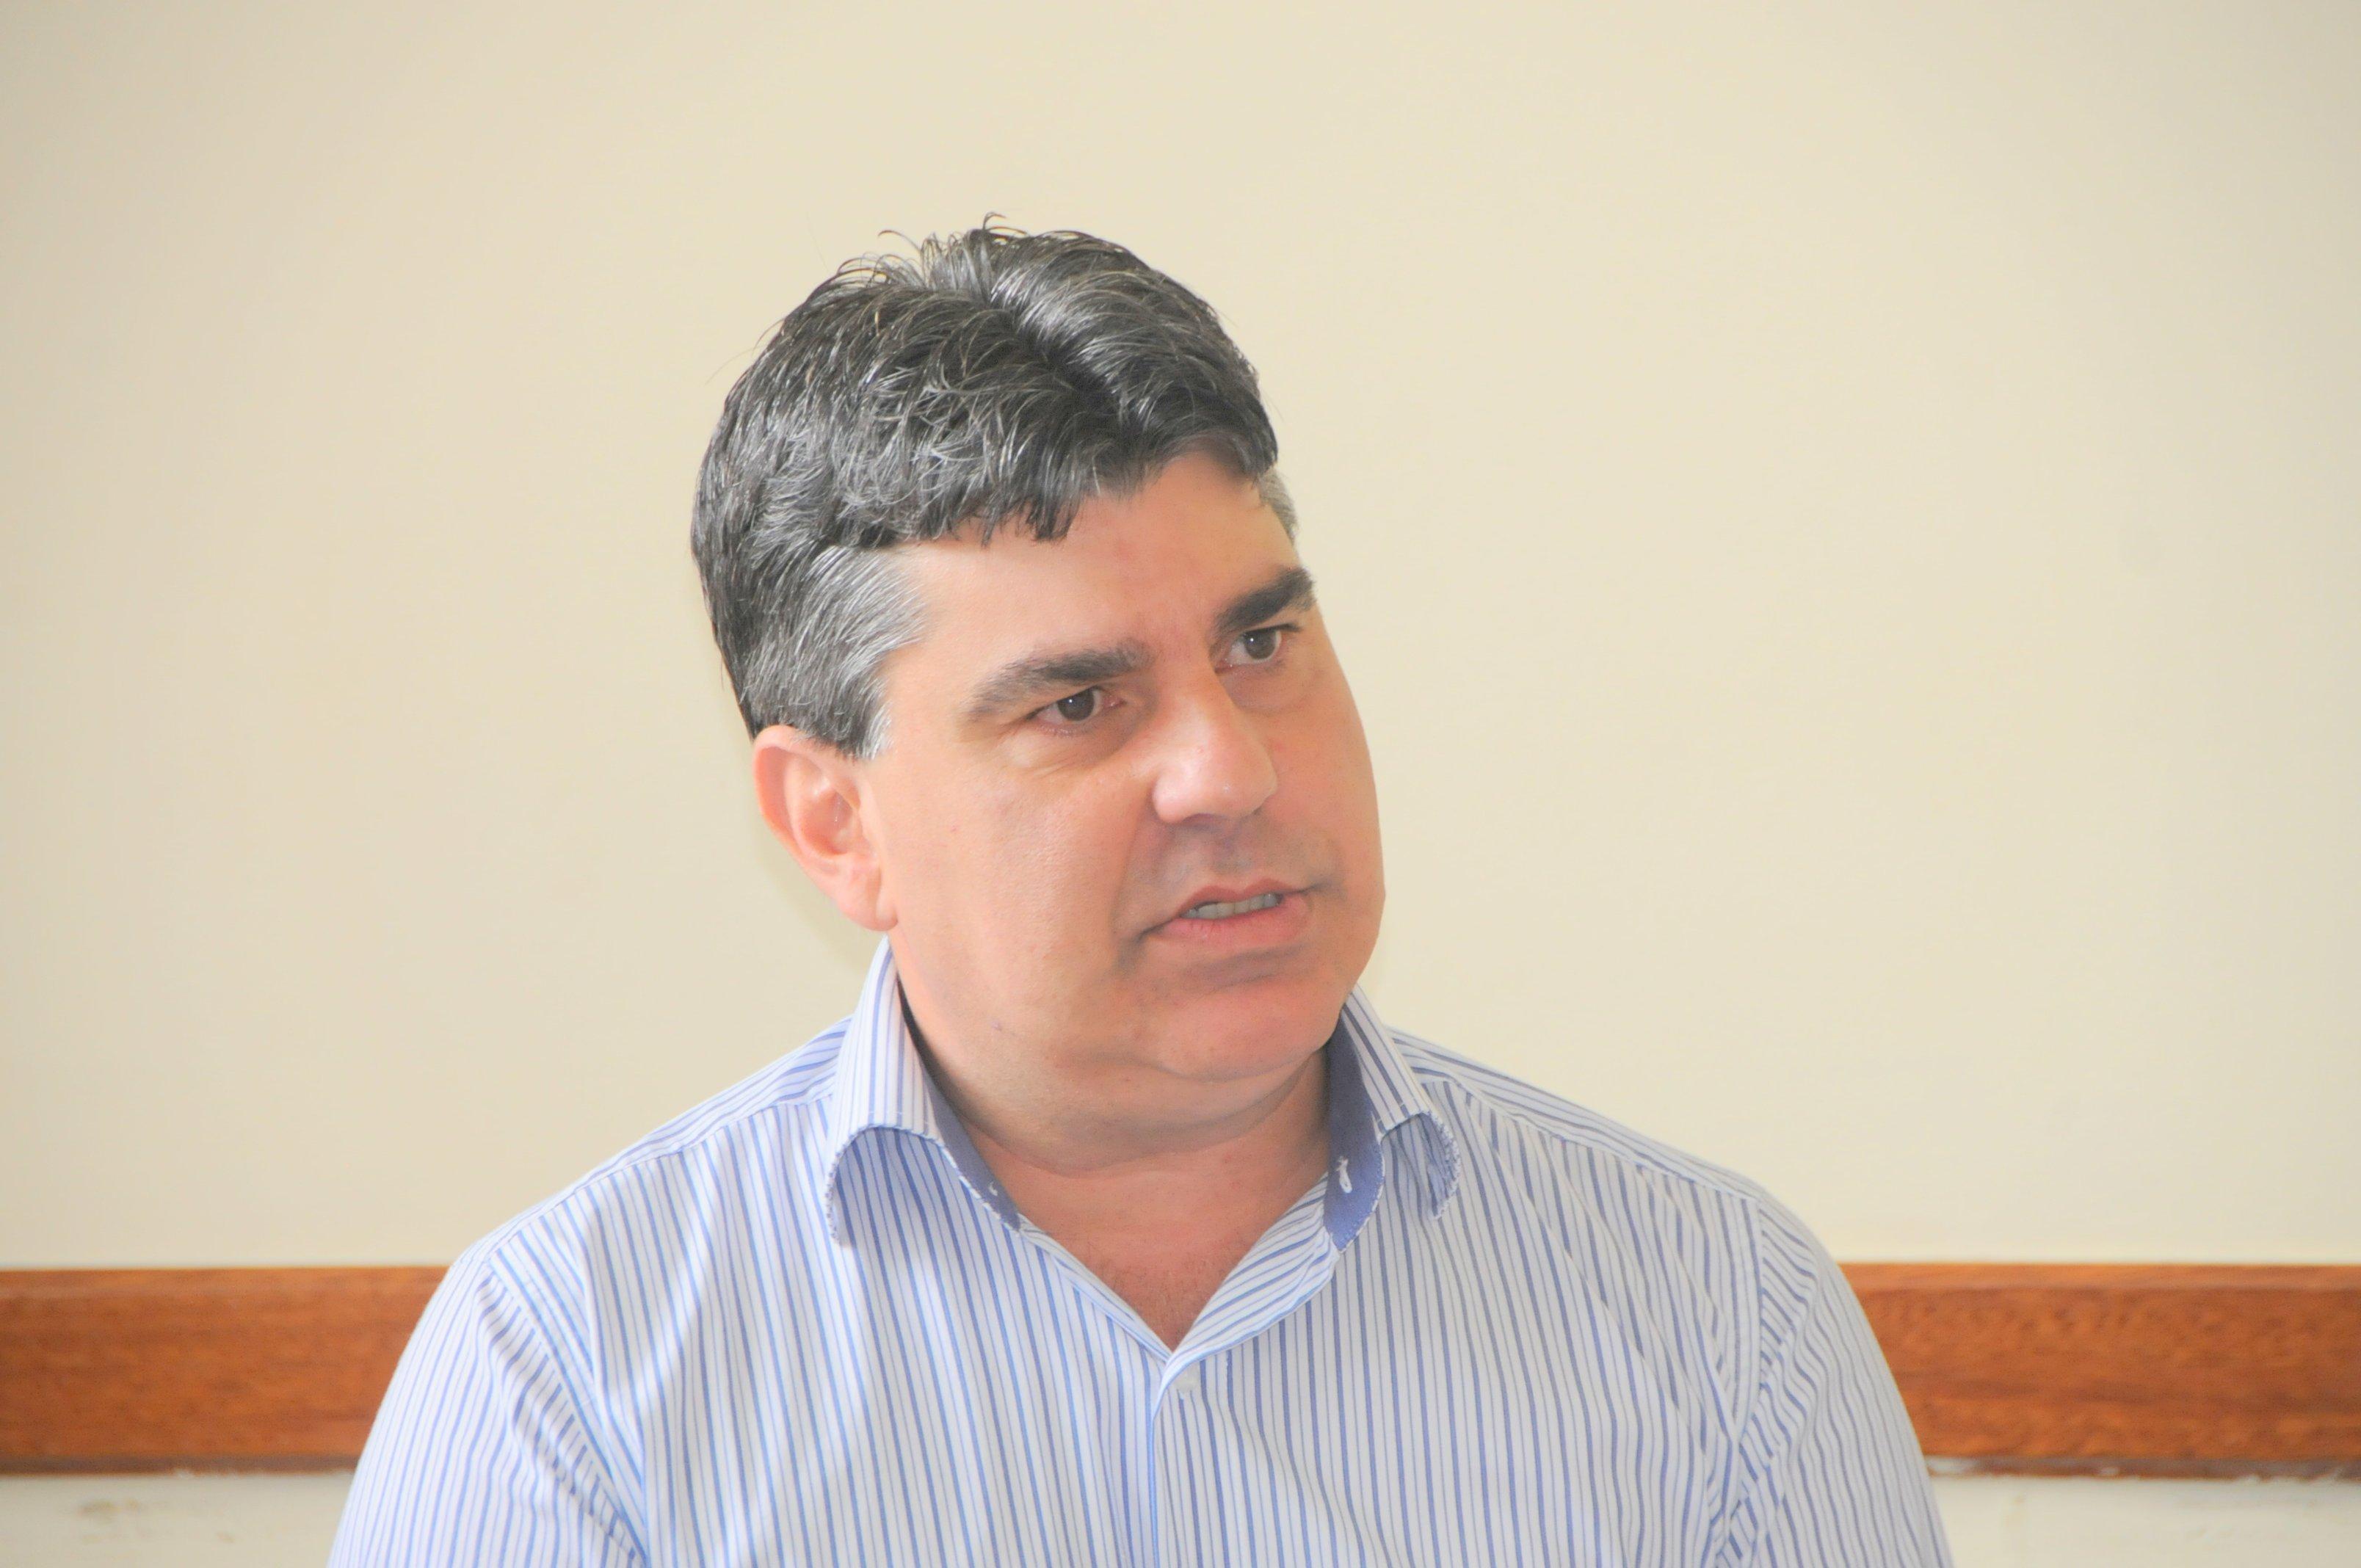 Para Silvério Afonso, presidente da ACIAM, este é o momento de colocar o pé no freio.